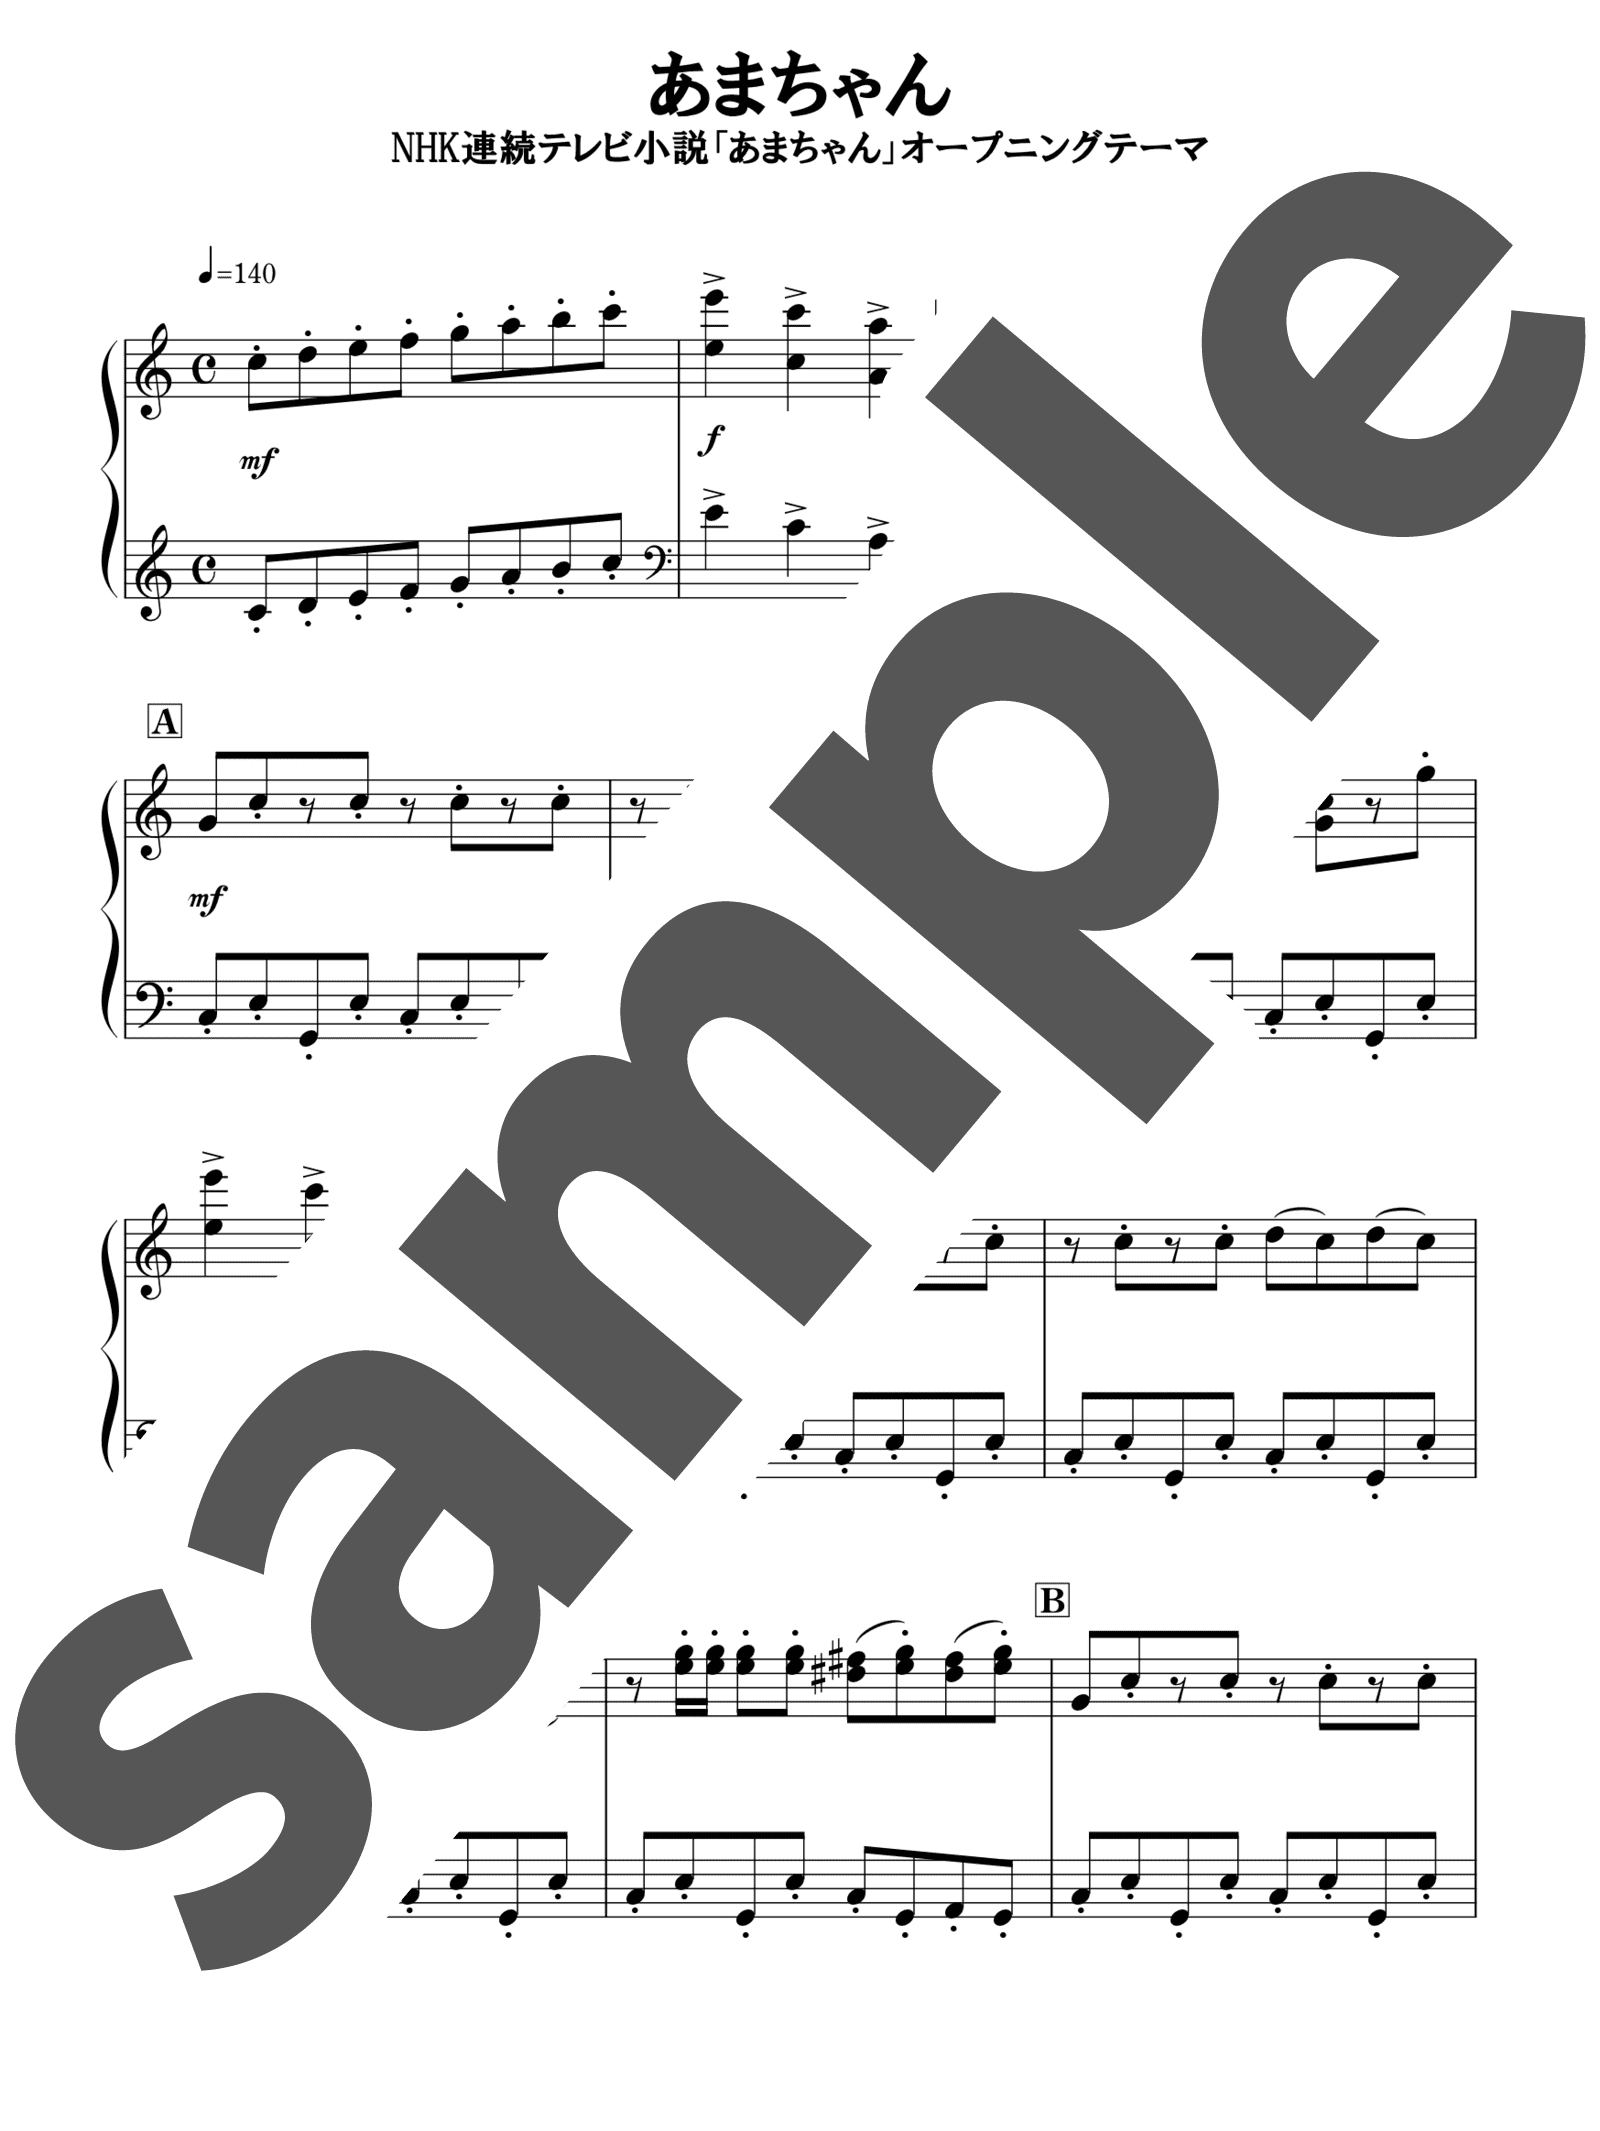 「あまちゃん オープニングテーマ」のサンプル楽譜